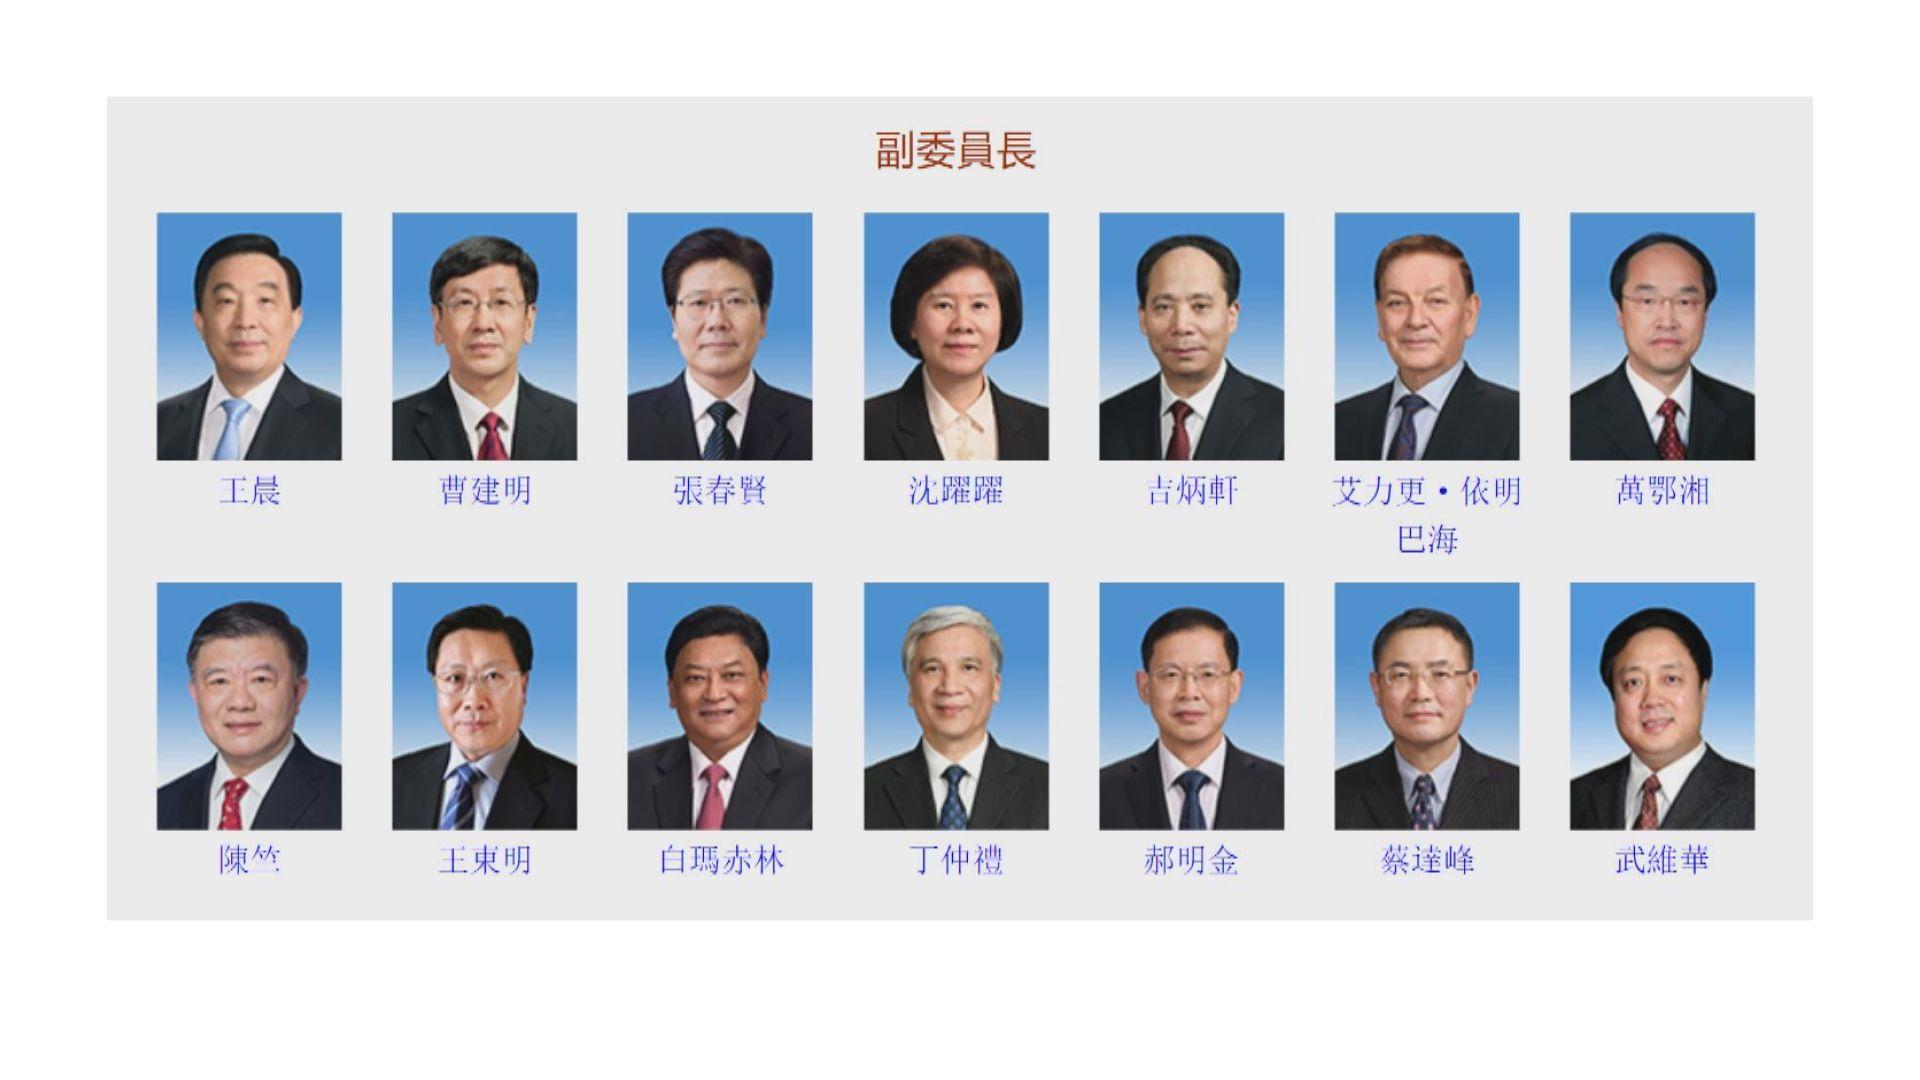 美制裁人大14名副委員長 中國副外長召見美國駐華代表提出嚴正抗議